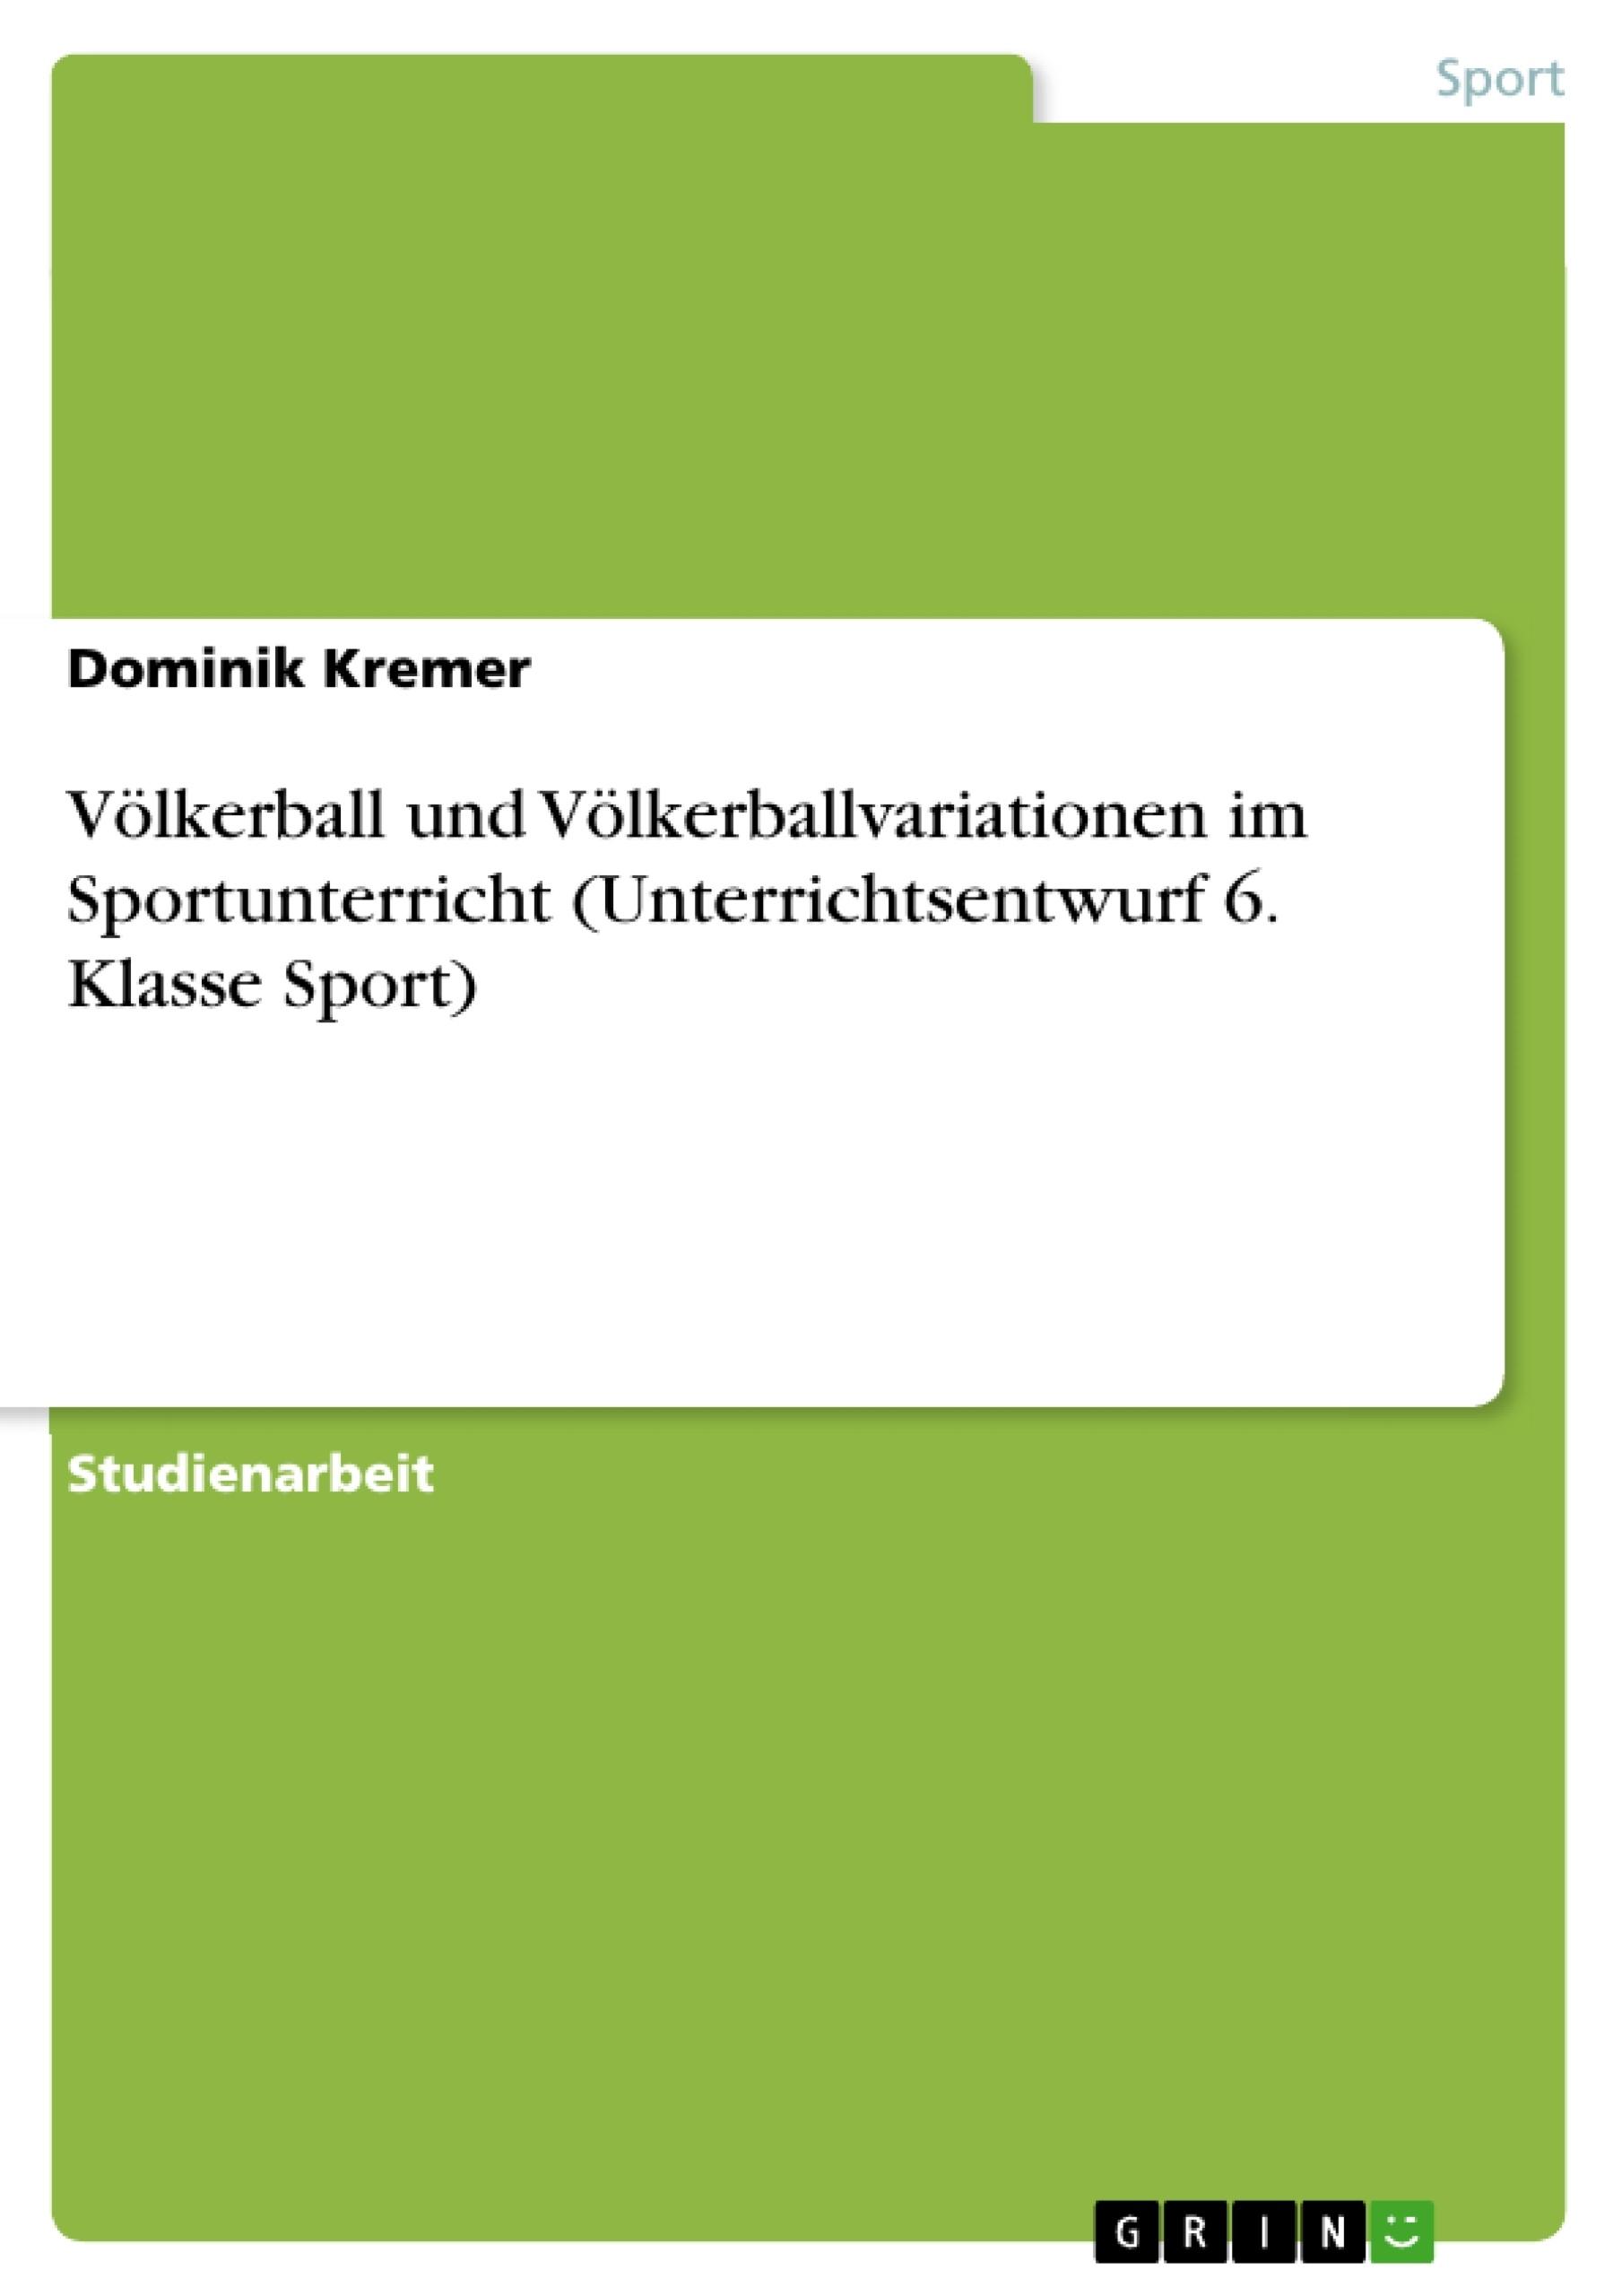 Titel: Völkerball und Völkerballvariationen im Sportunterricht (Unterrichtsentwurf 6. Klasse Sport)